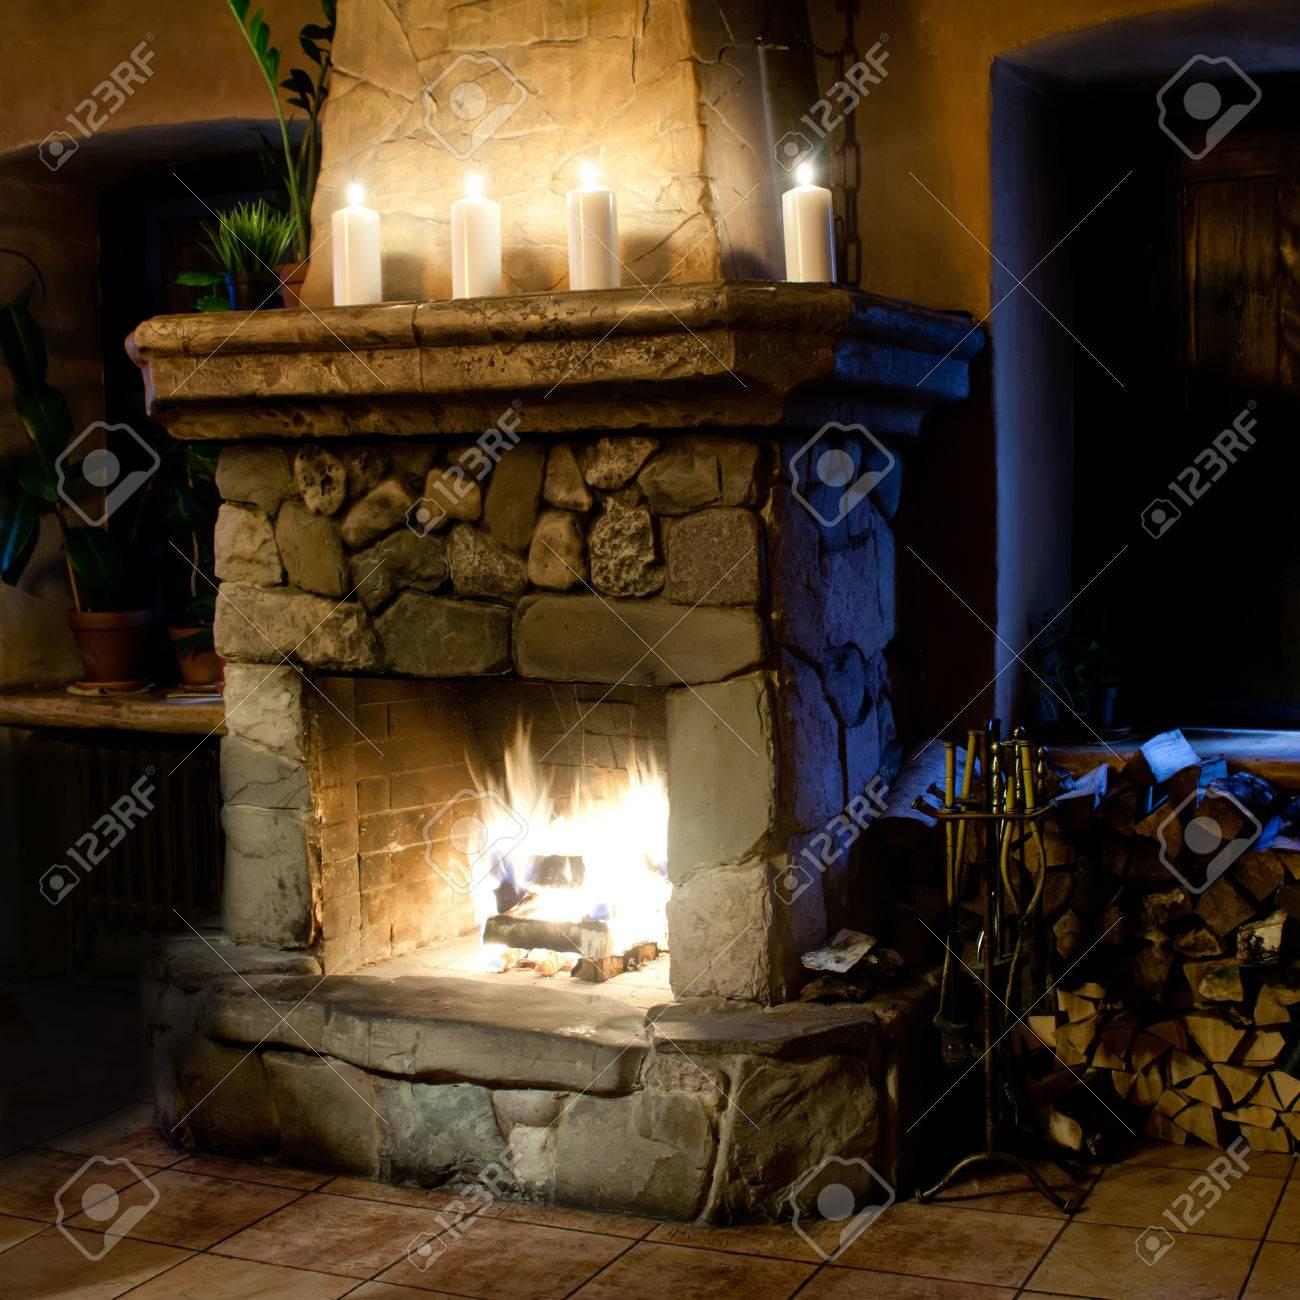 trendy beautiful sala de la chimenea chimenea velas y montn de lea lugar de la with chimeneas rusticas esquina with chimeneas de lea rusticas - Chimeneas Rusticas De Lea